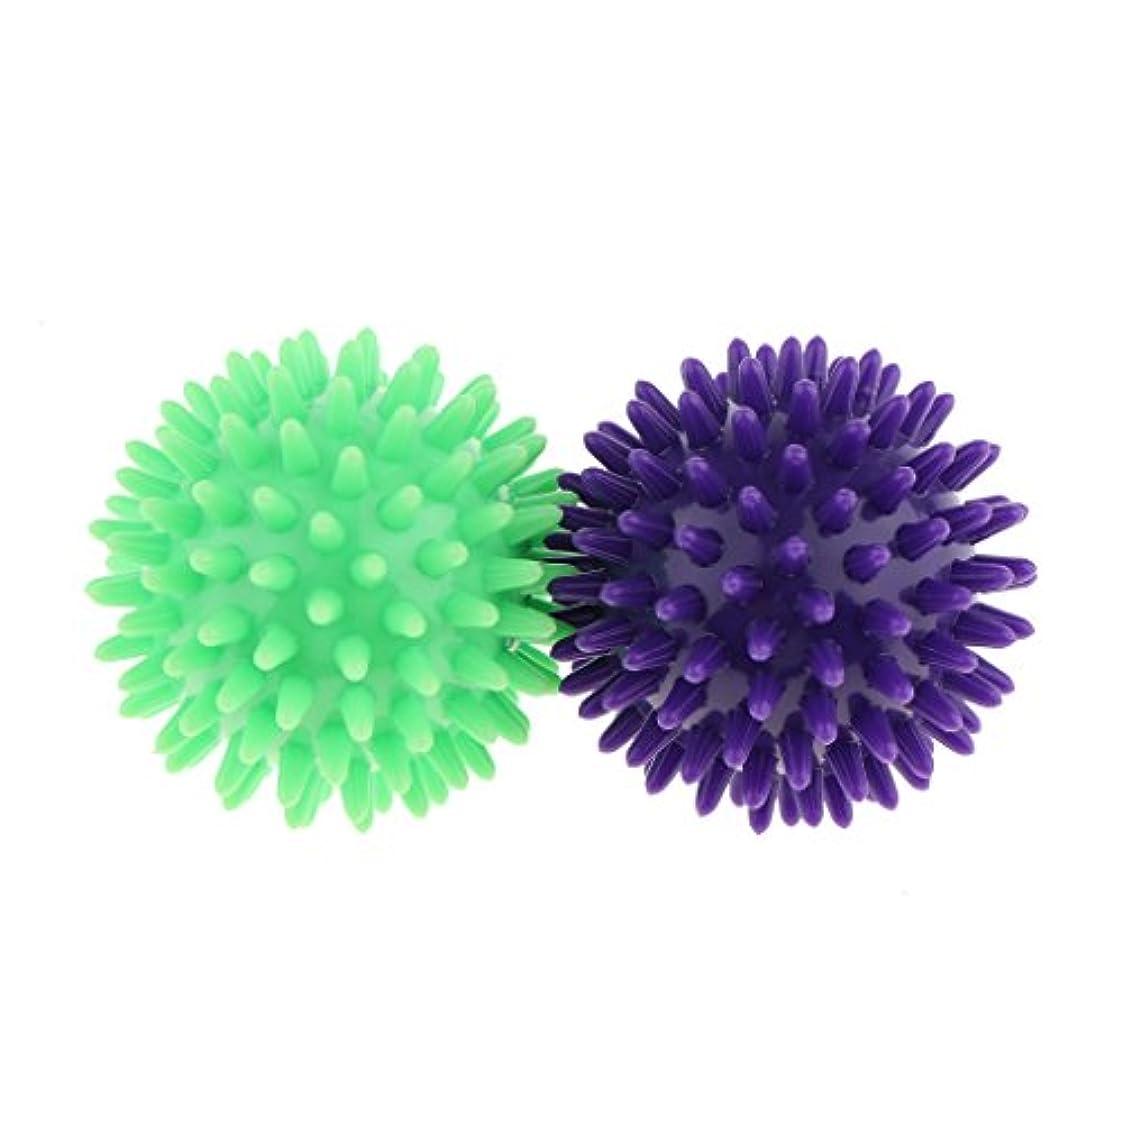 ブロック正しいオーストラリアマッサージボール スパイシー マッサージ ボール ボディトリガー ポイント 2個セット 3タイプ選べ - 紫ライトグリーン